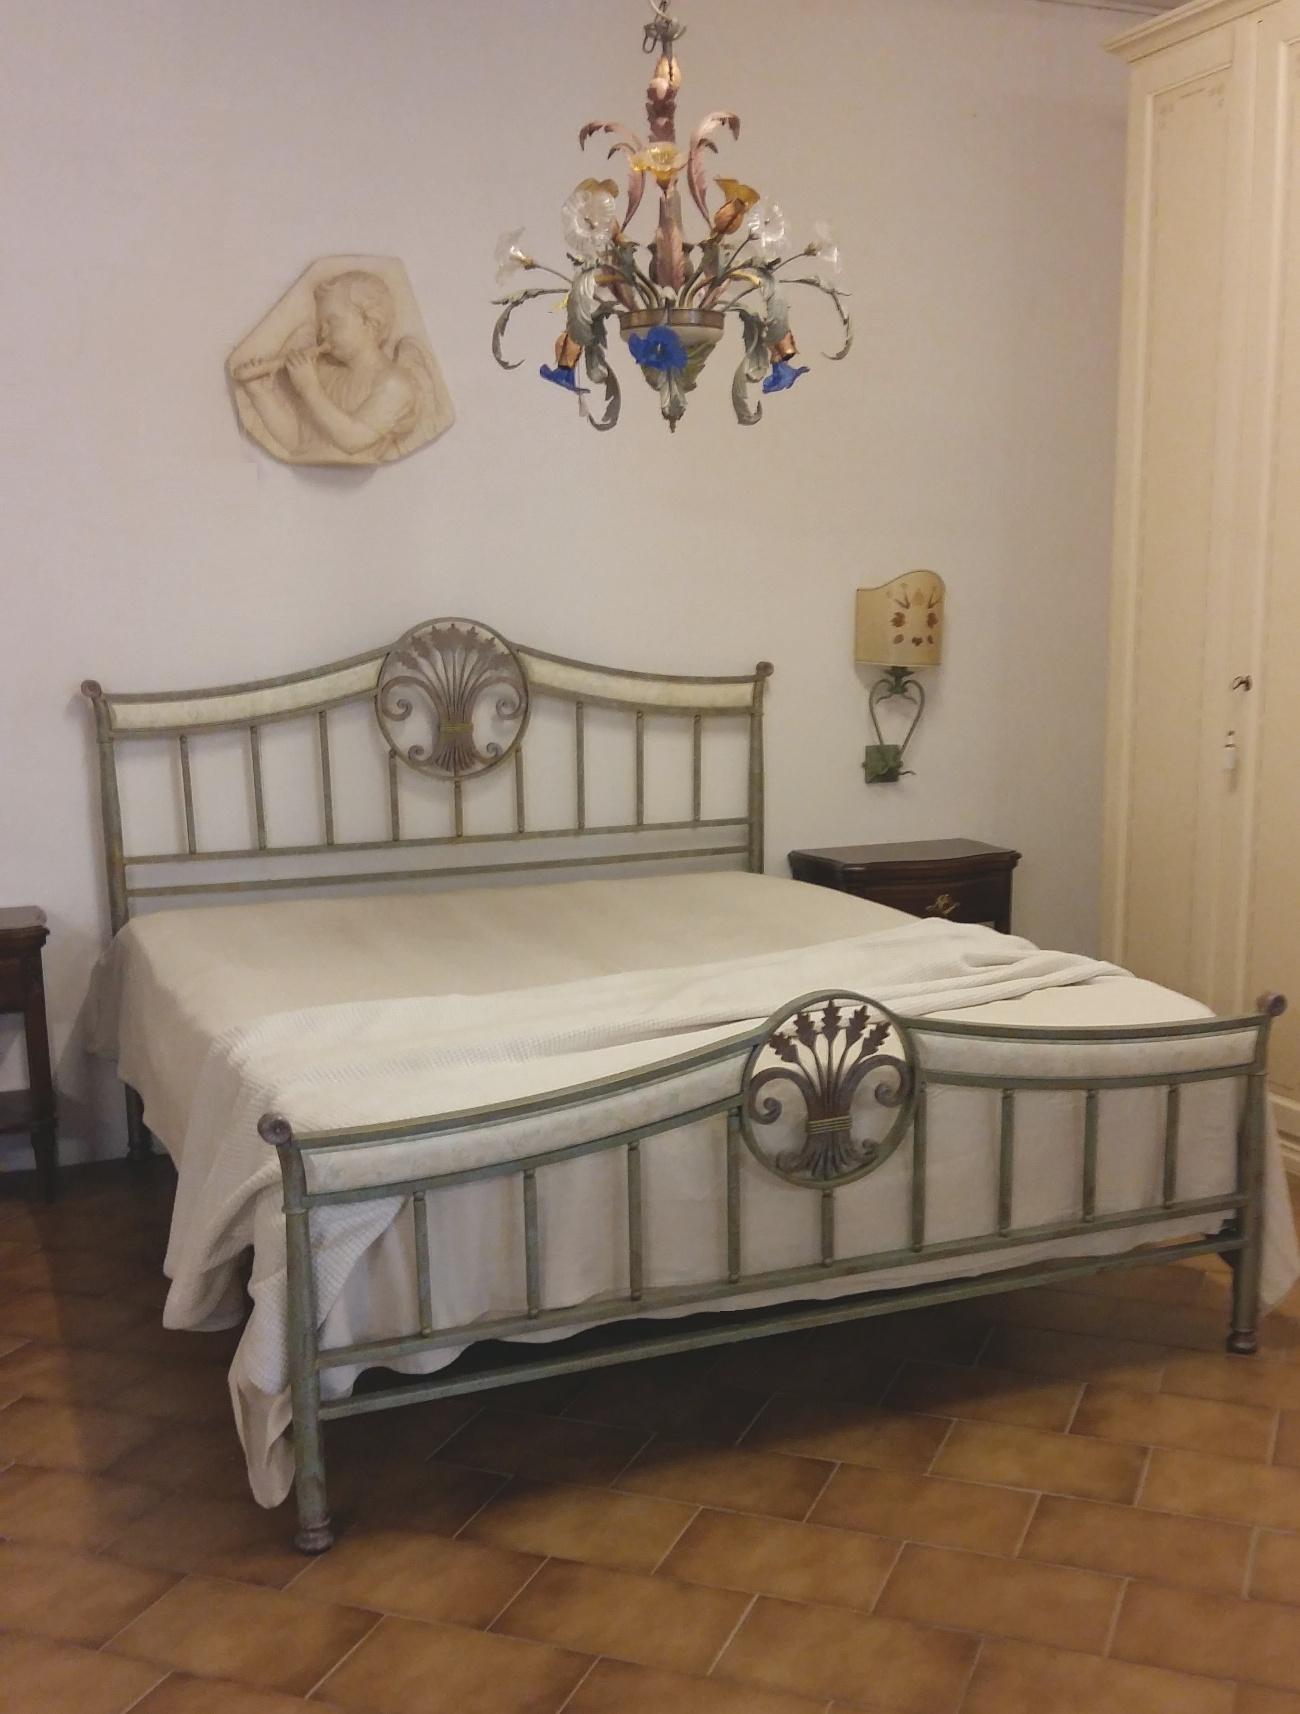 Letto in ferro battuto patinato letti a prezzi scontati - Spalliere letto in ferro battuto ...